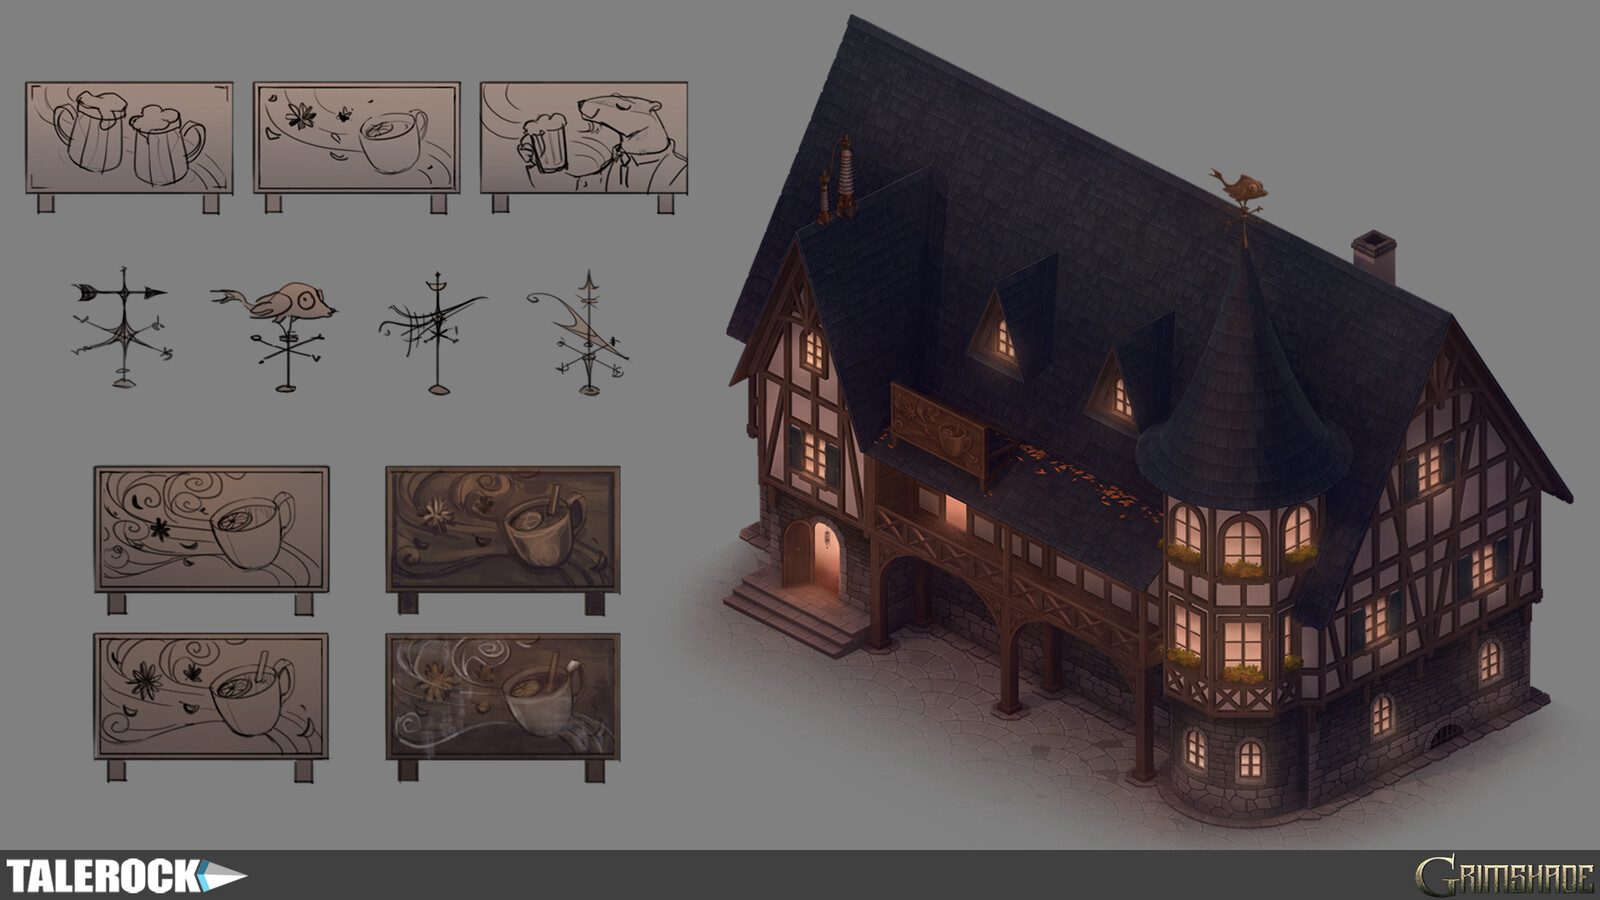 Spicy Wind tavern concept